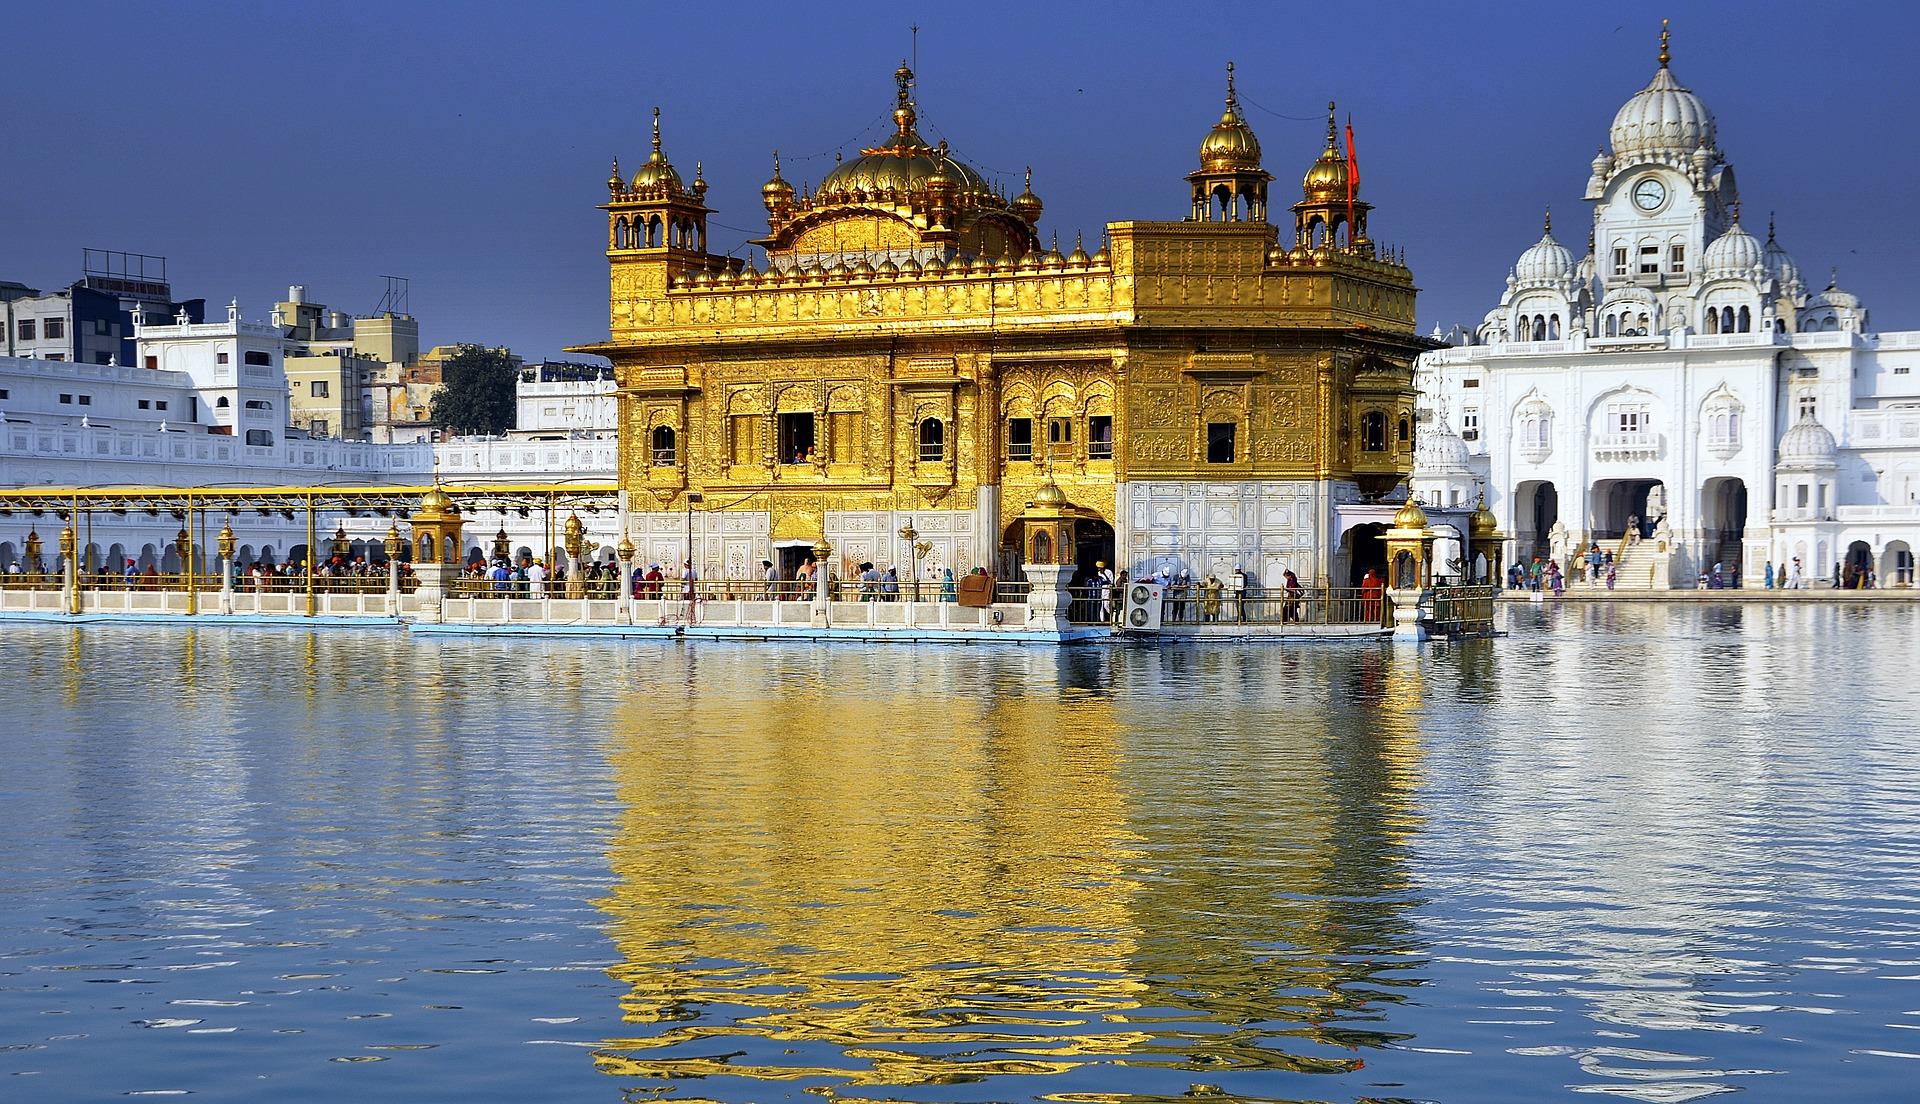 Hướng dẫn xin visa du lịch Ấn Độ chi tiết